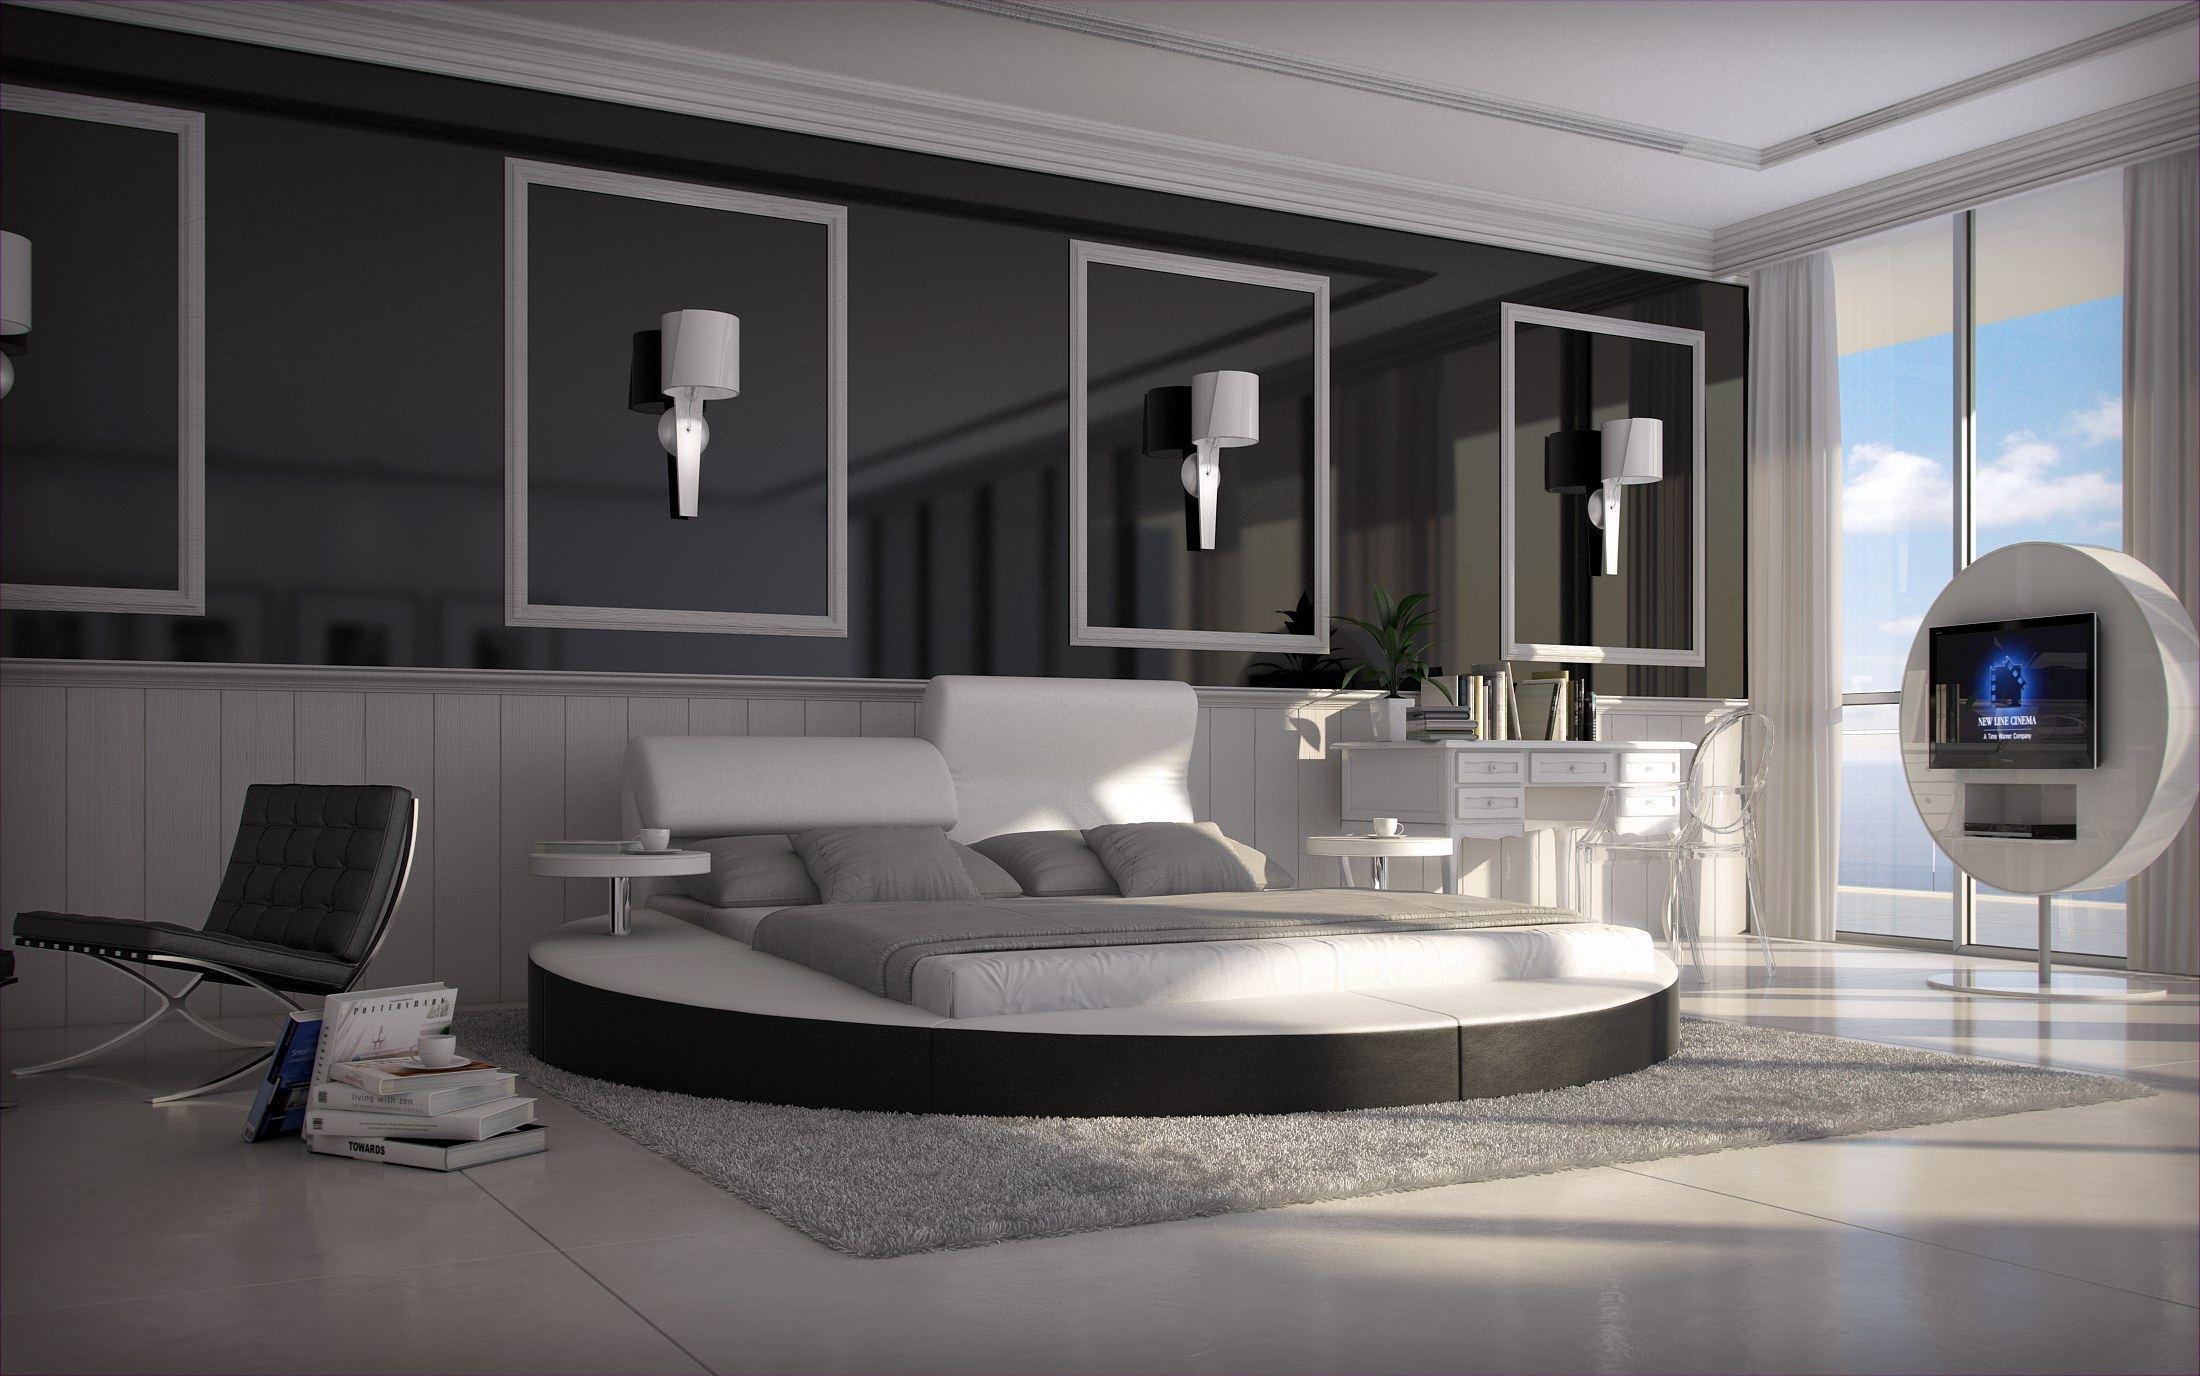 wasserbett rundbett napoli komplett set dualsystem design. Black Bedroom Furniture Sets. Home Design Ideas